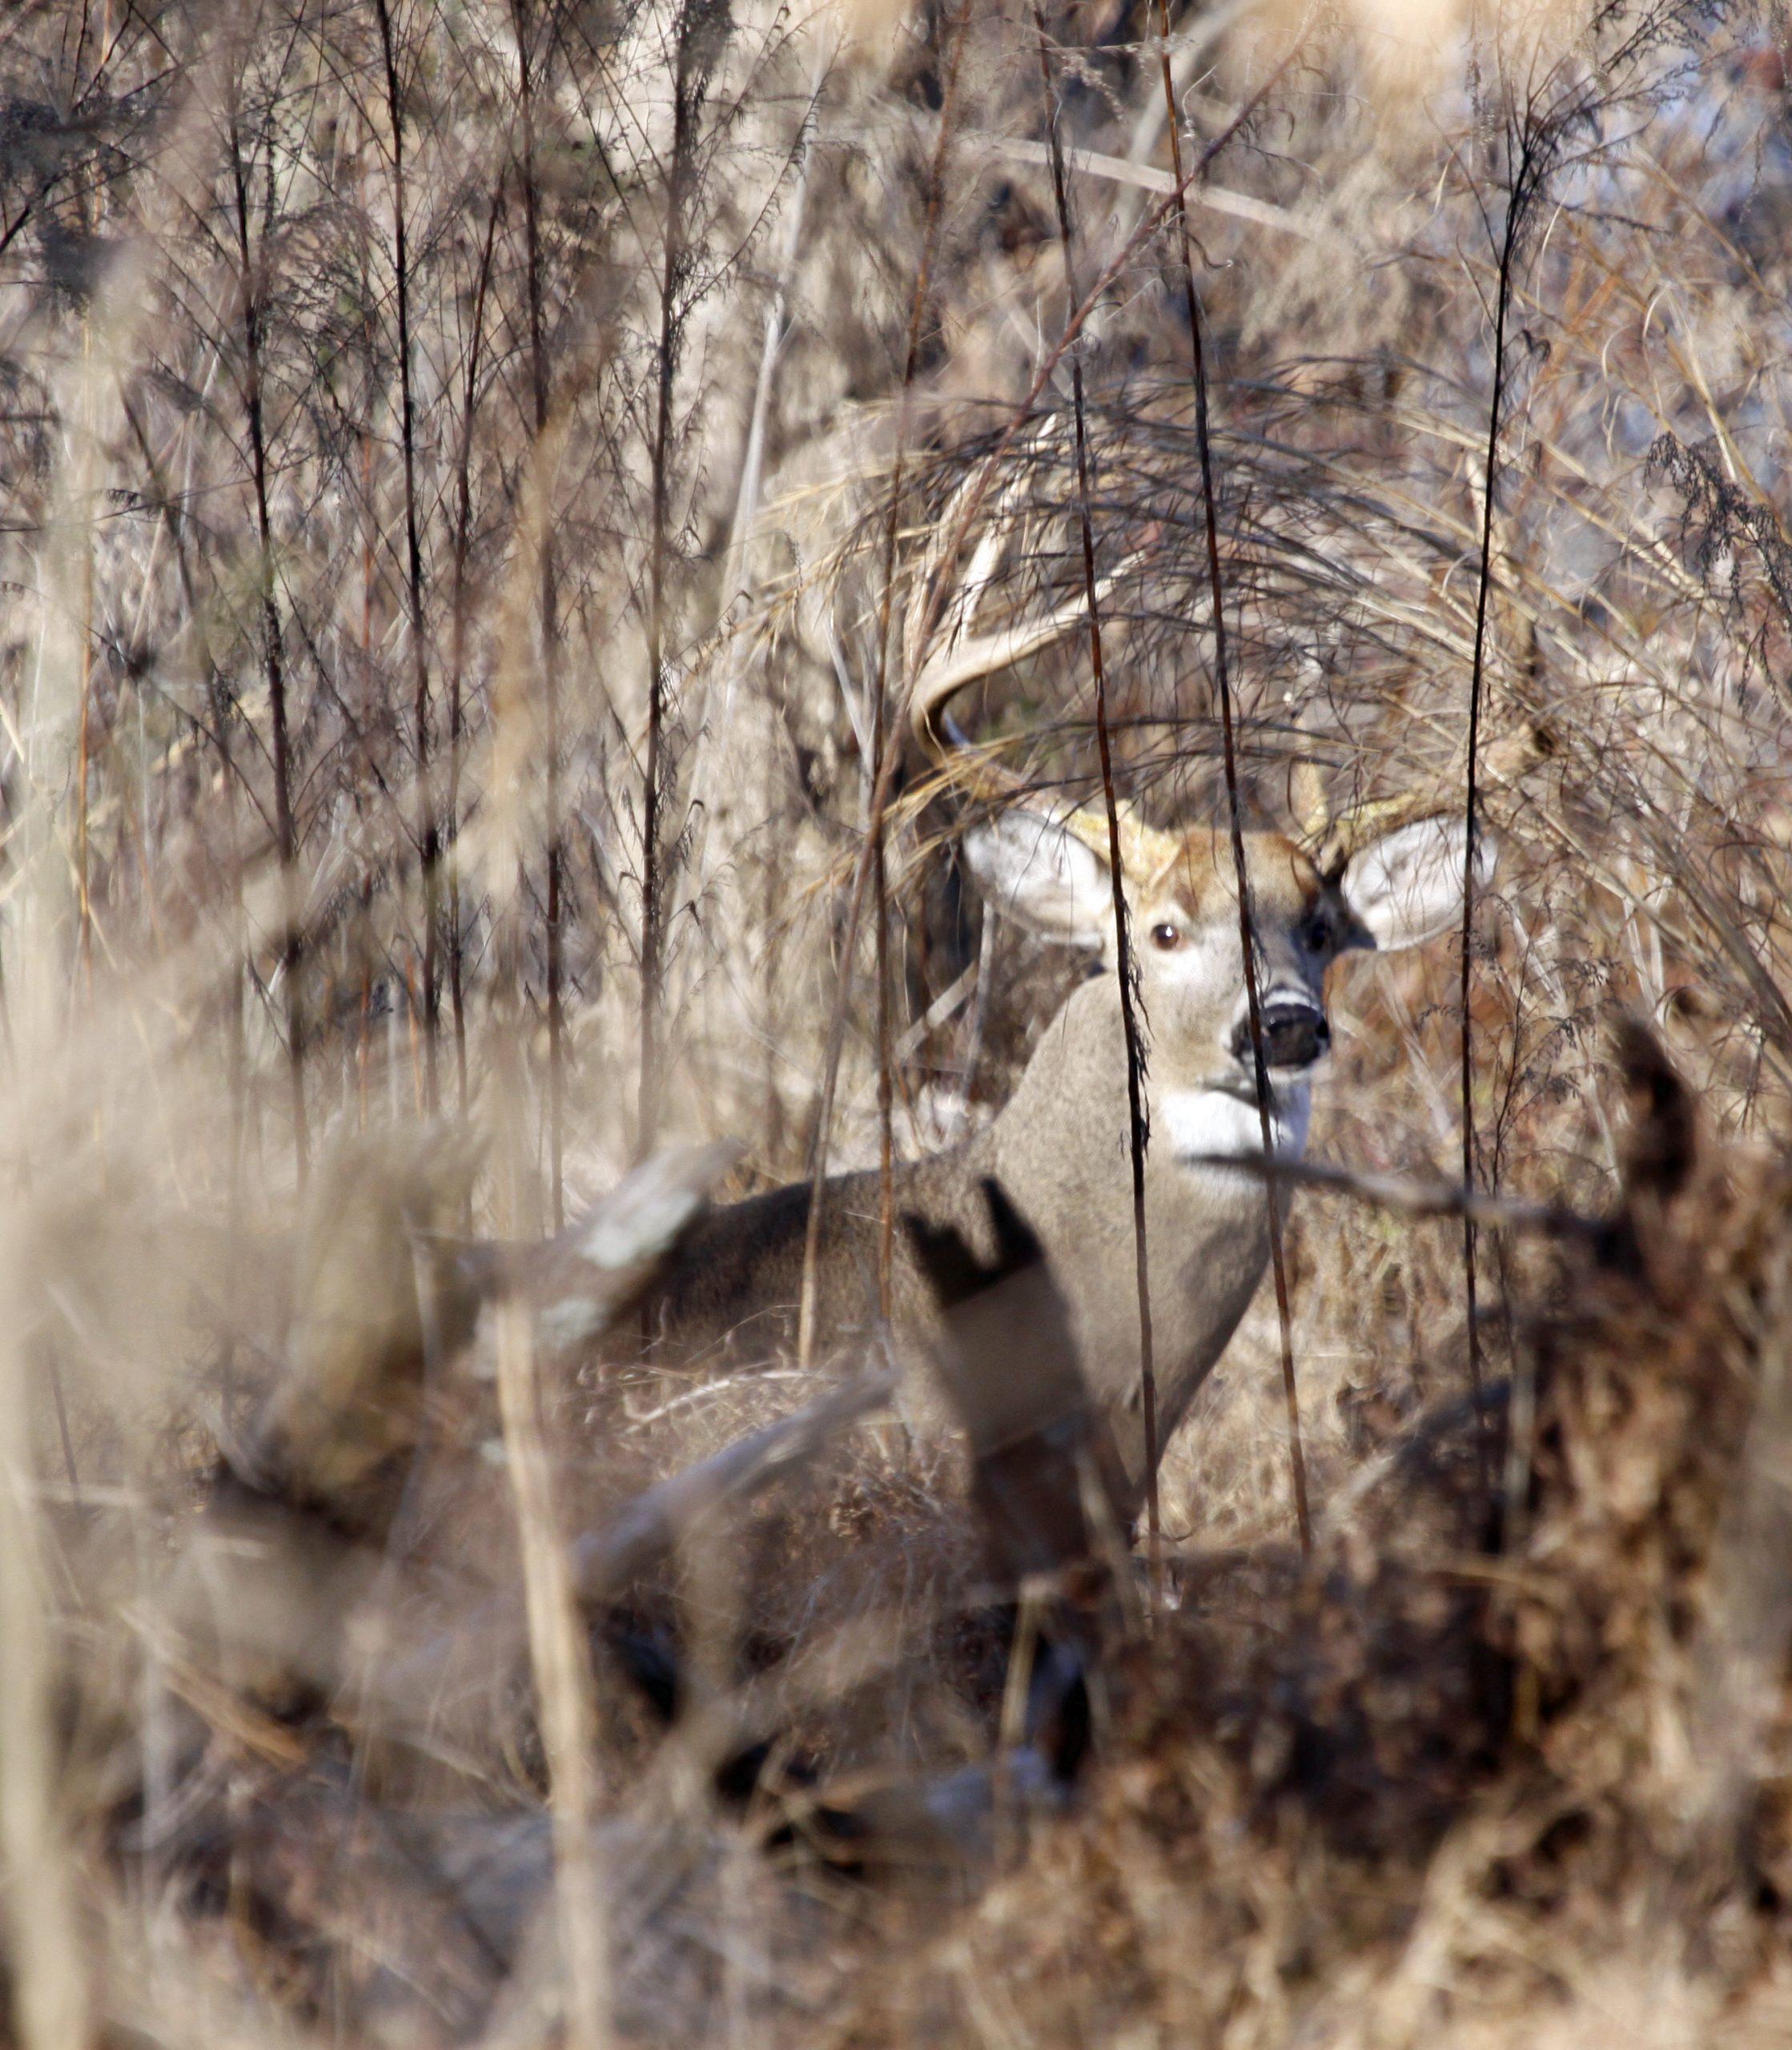 whitetail deer behavior